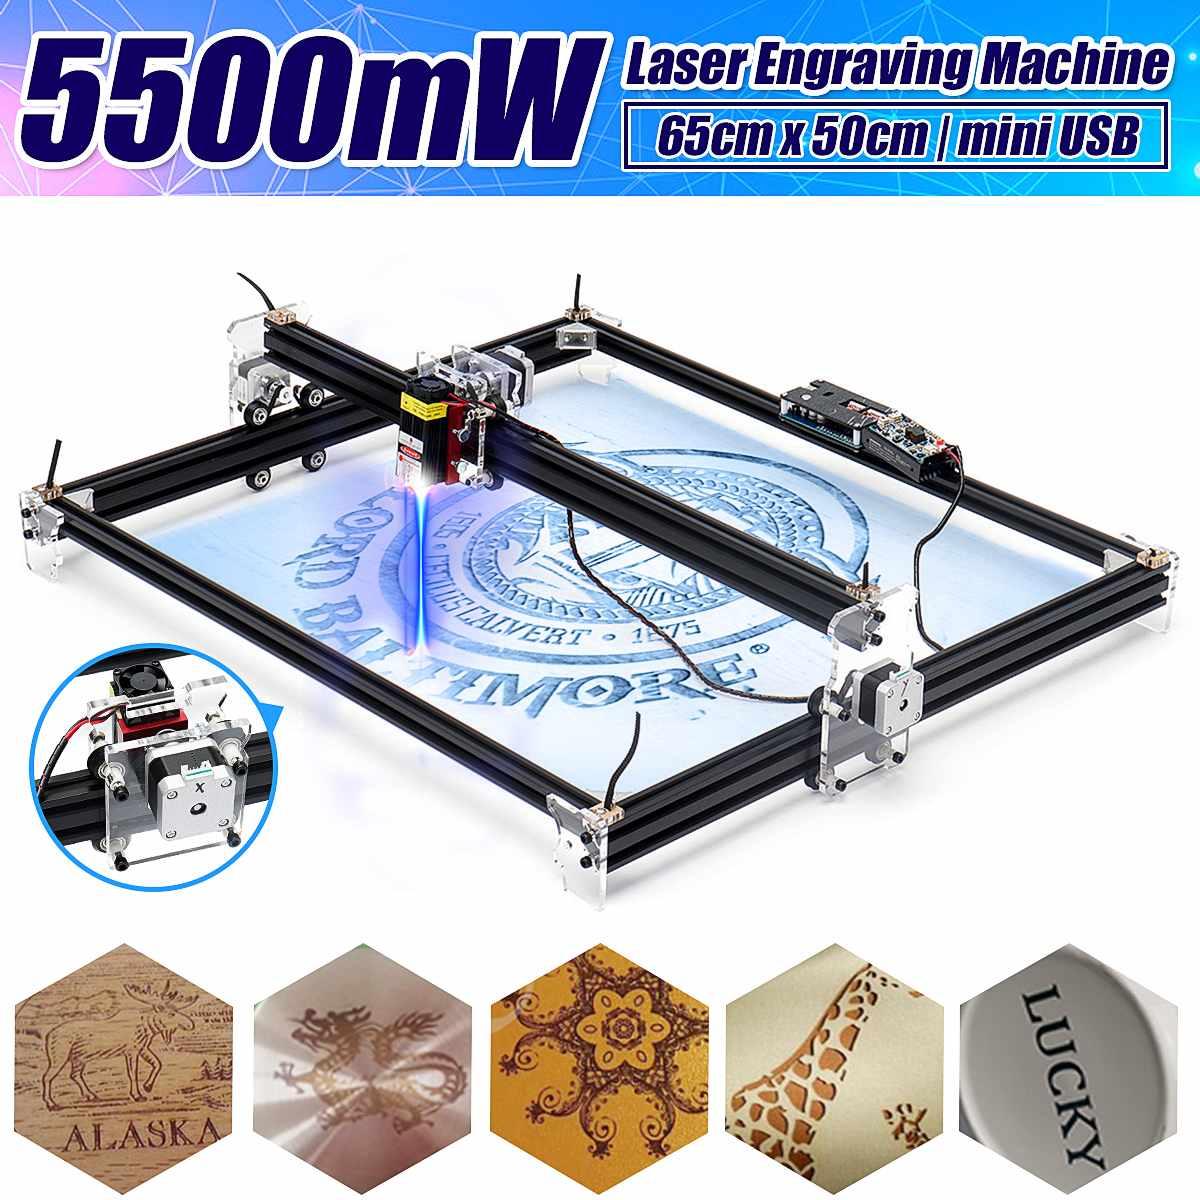 12 V Mini 5500 mW 65*55 cm azul CNC máquina de grabado láser 2 ejes bricolaje grabador de hogar Escritorio enrutador de madera/cortador/Máquina Herramienta de impresora